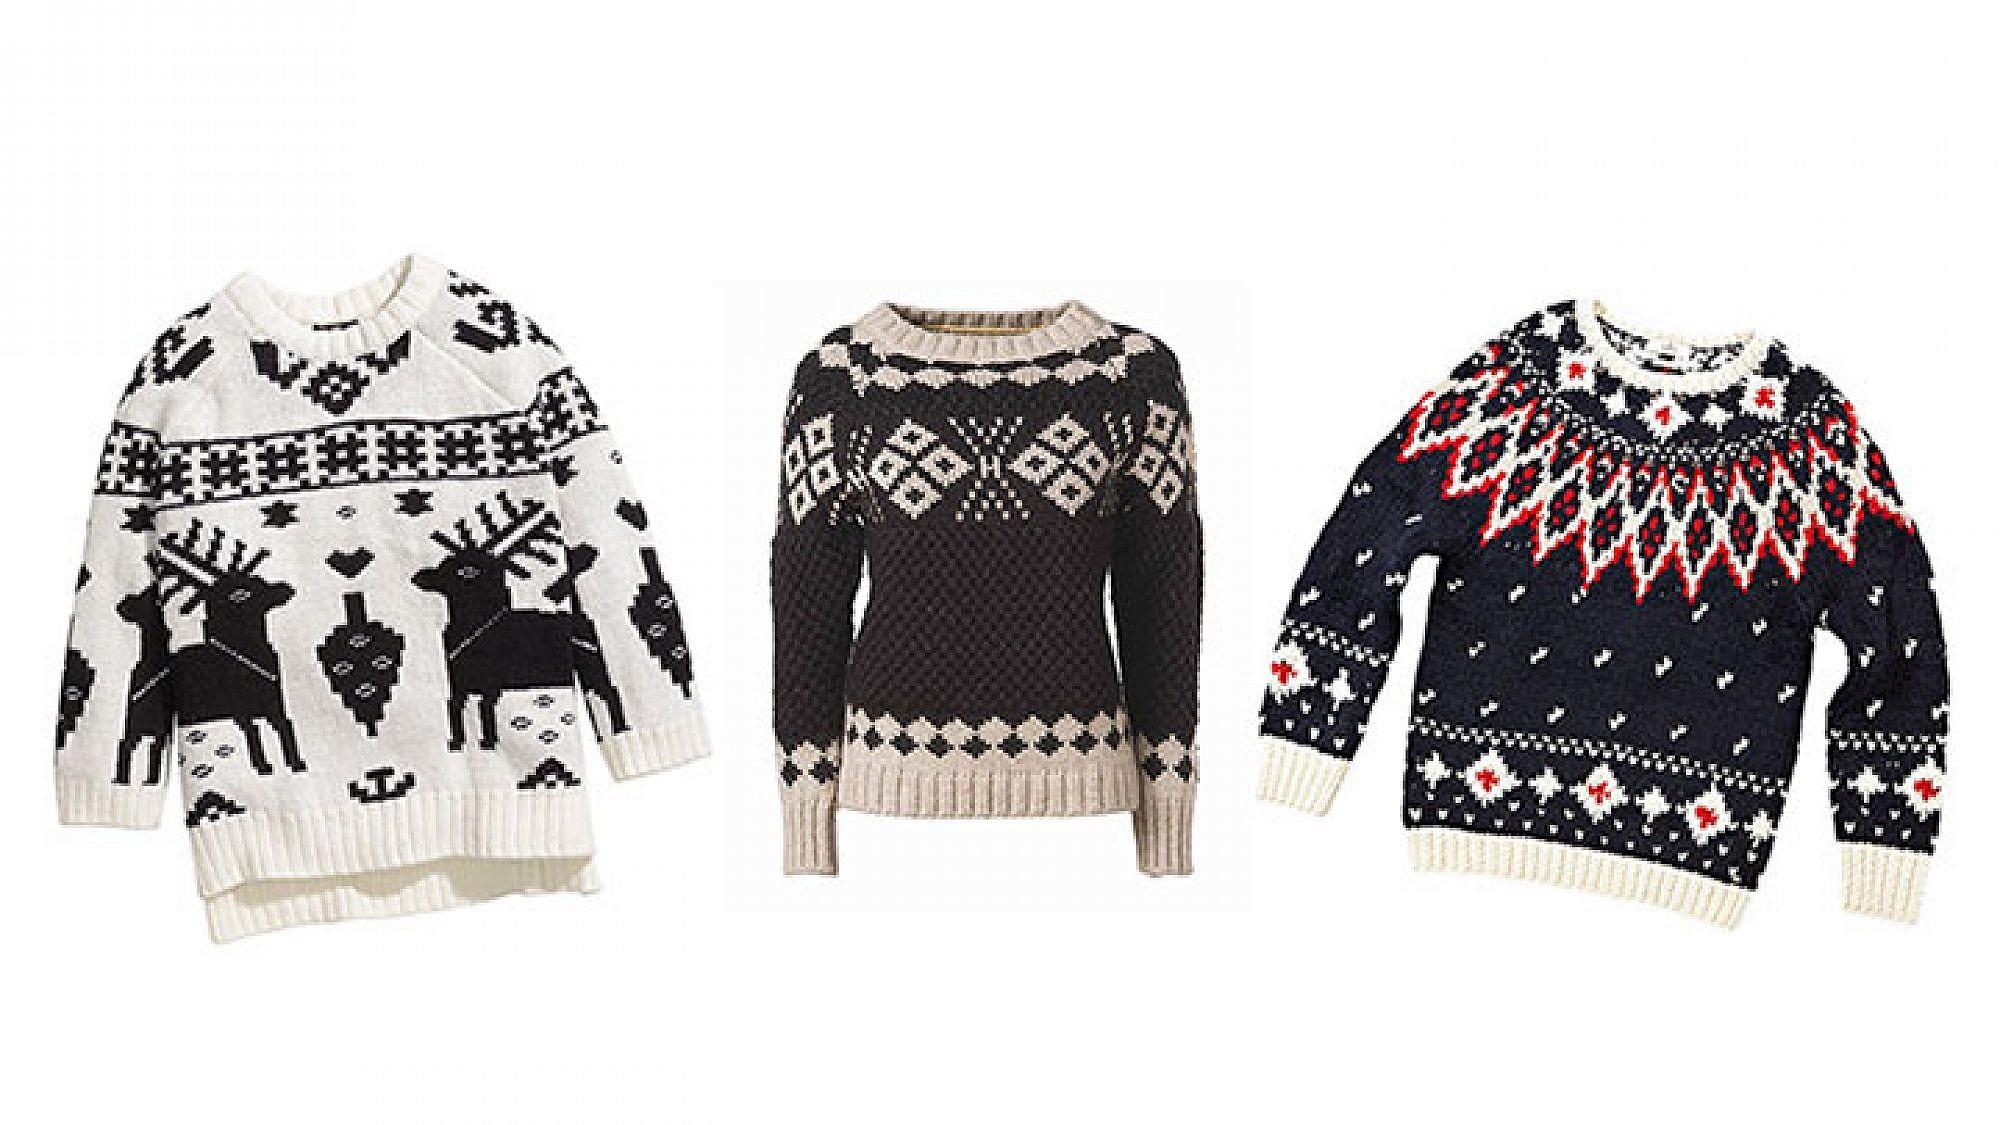 סוודרים של H&M | צילום: הנס מוריץ, ריפליי | צילום: אבי ולדמן, נפפירי | צילום: ג'ון צ'ו